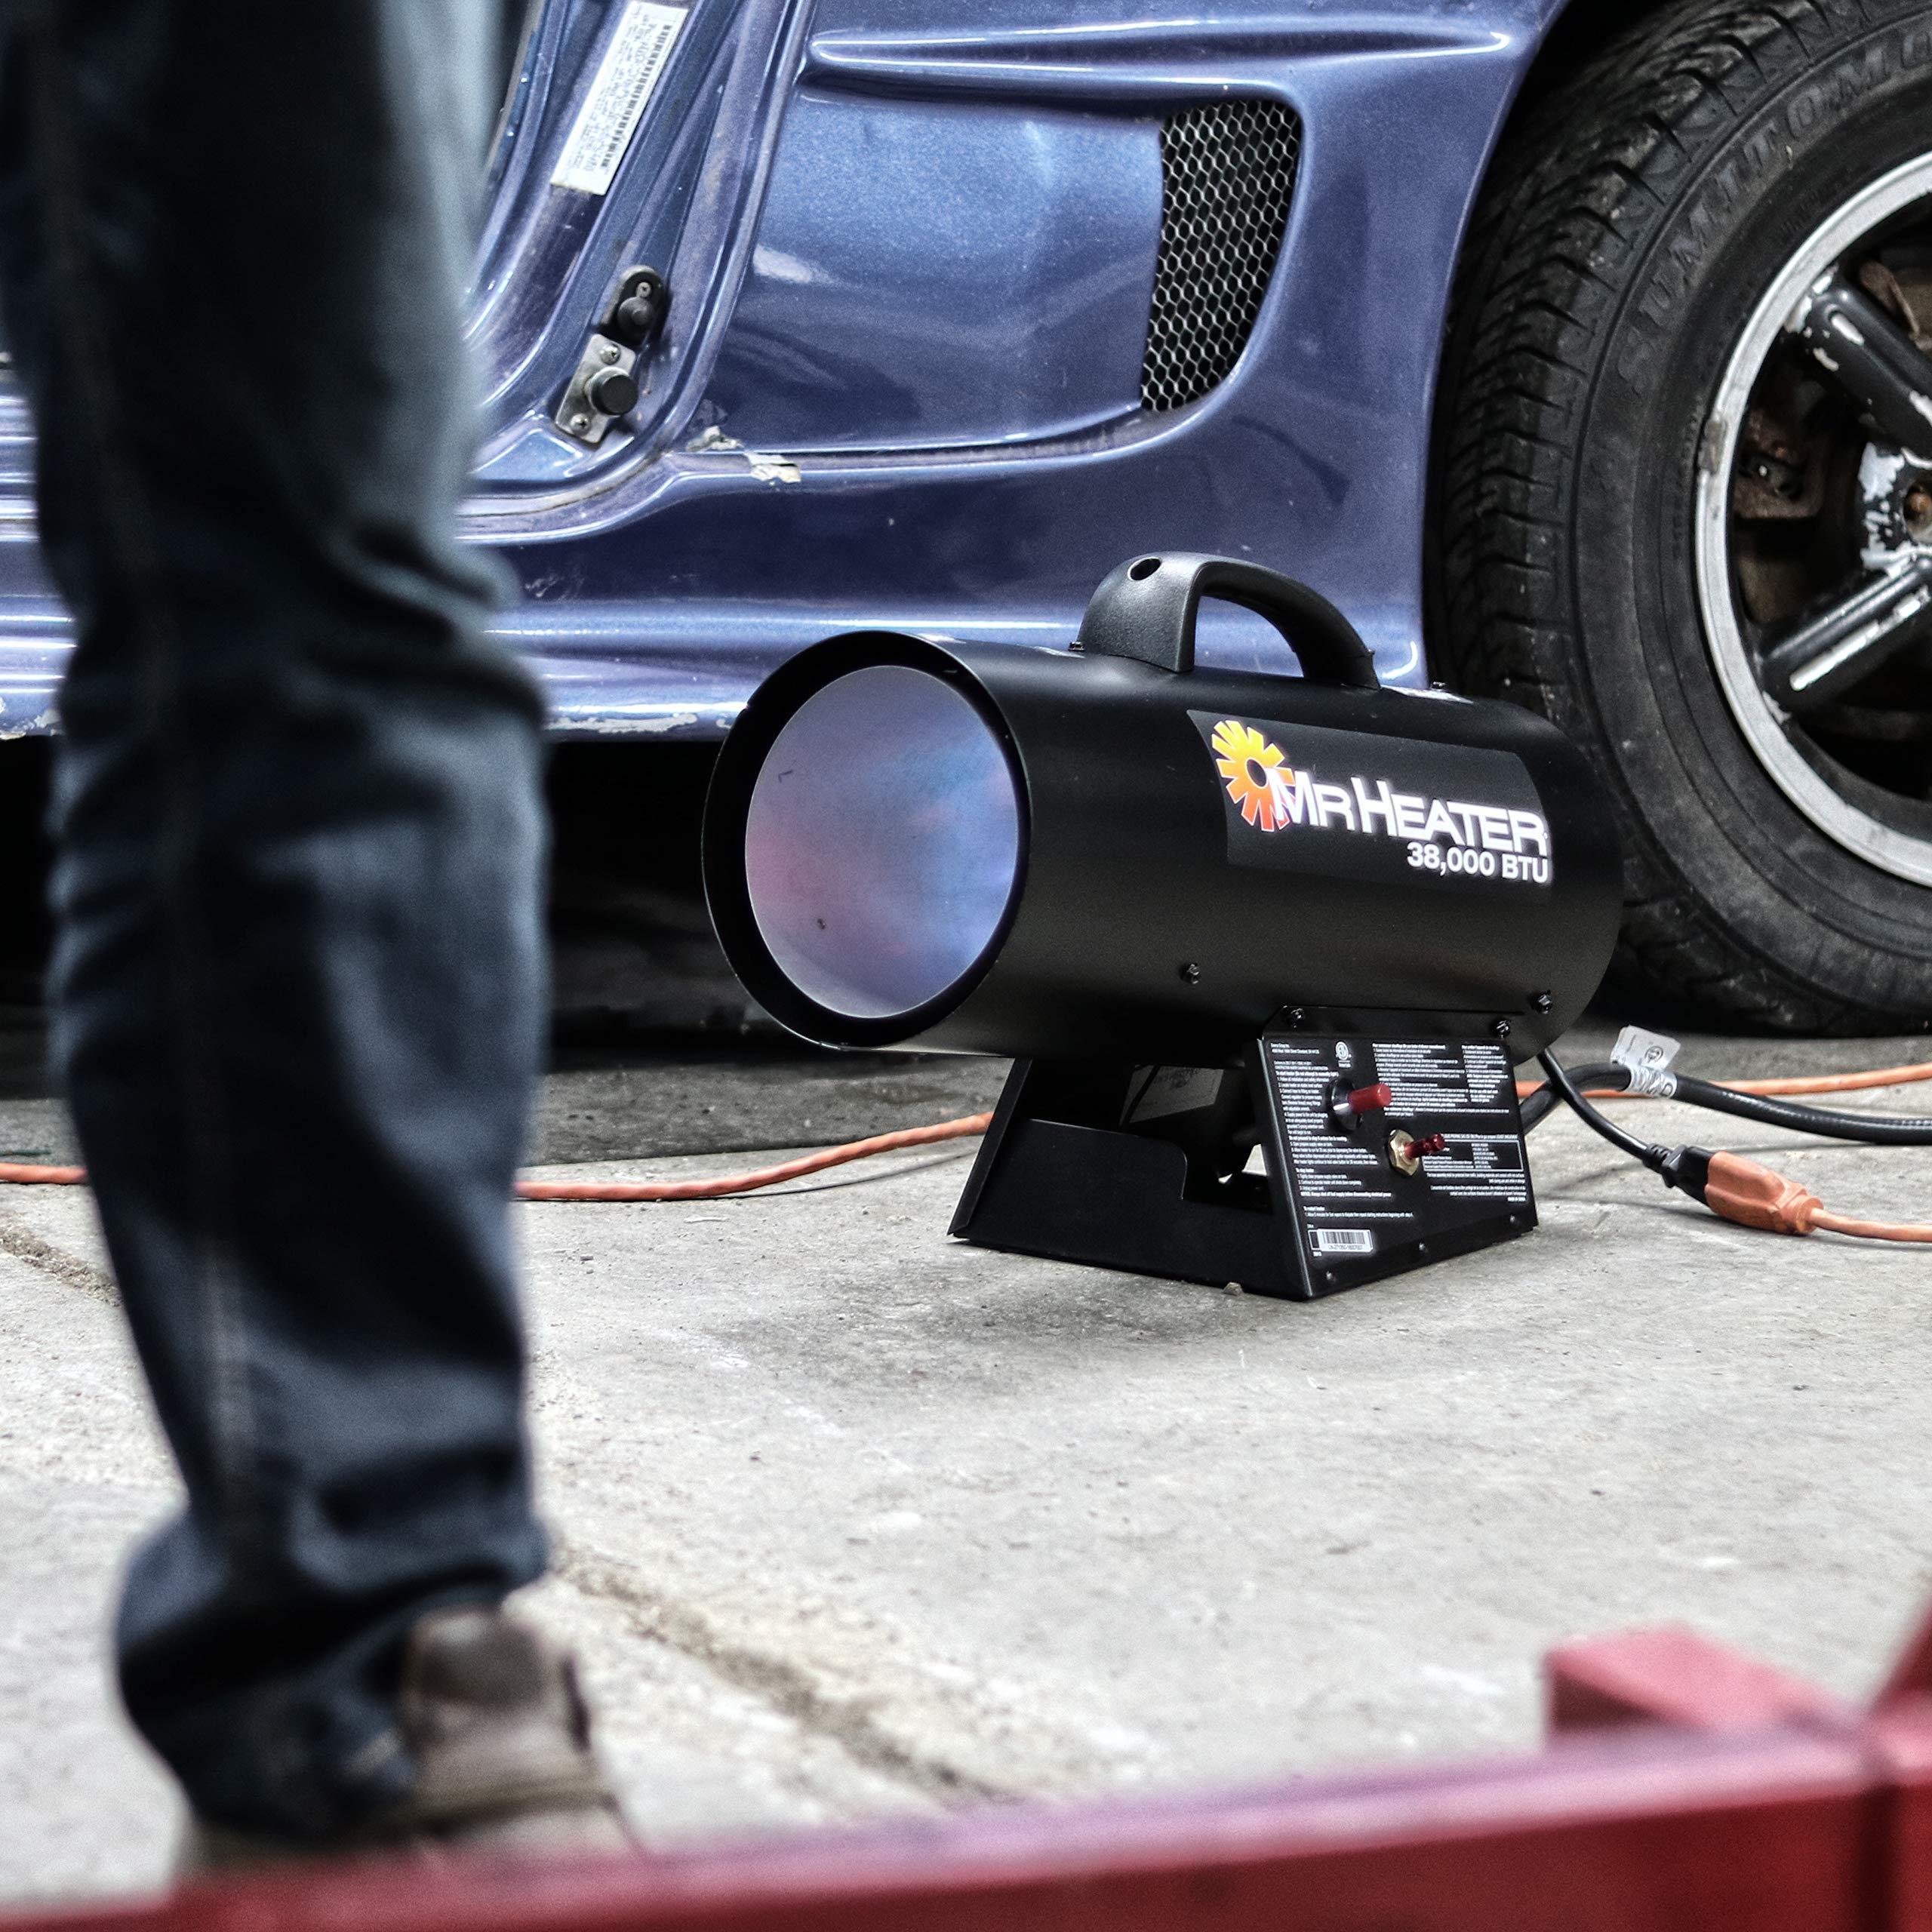 Mr. Heater 38,000 BTU Forced Air Propane Heater F271350 by Mr. Heater